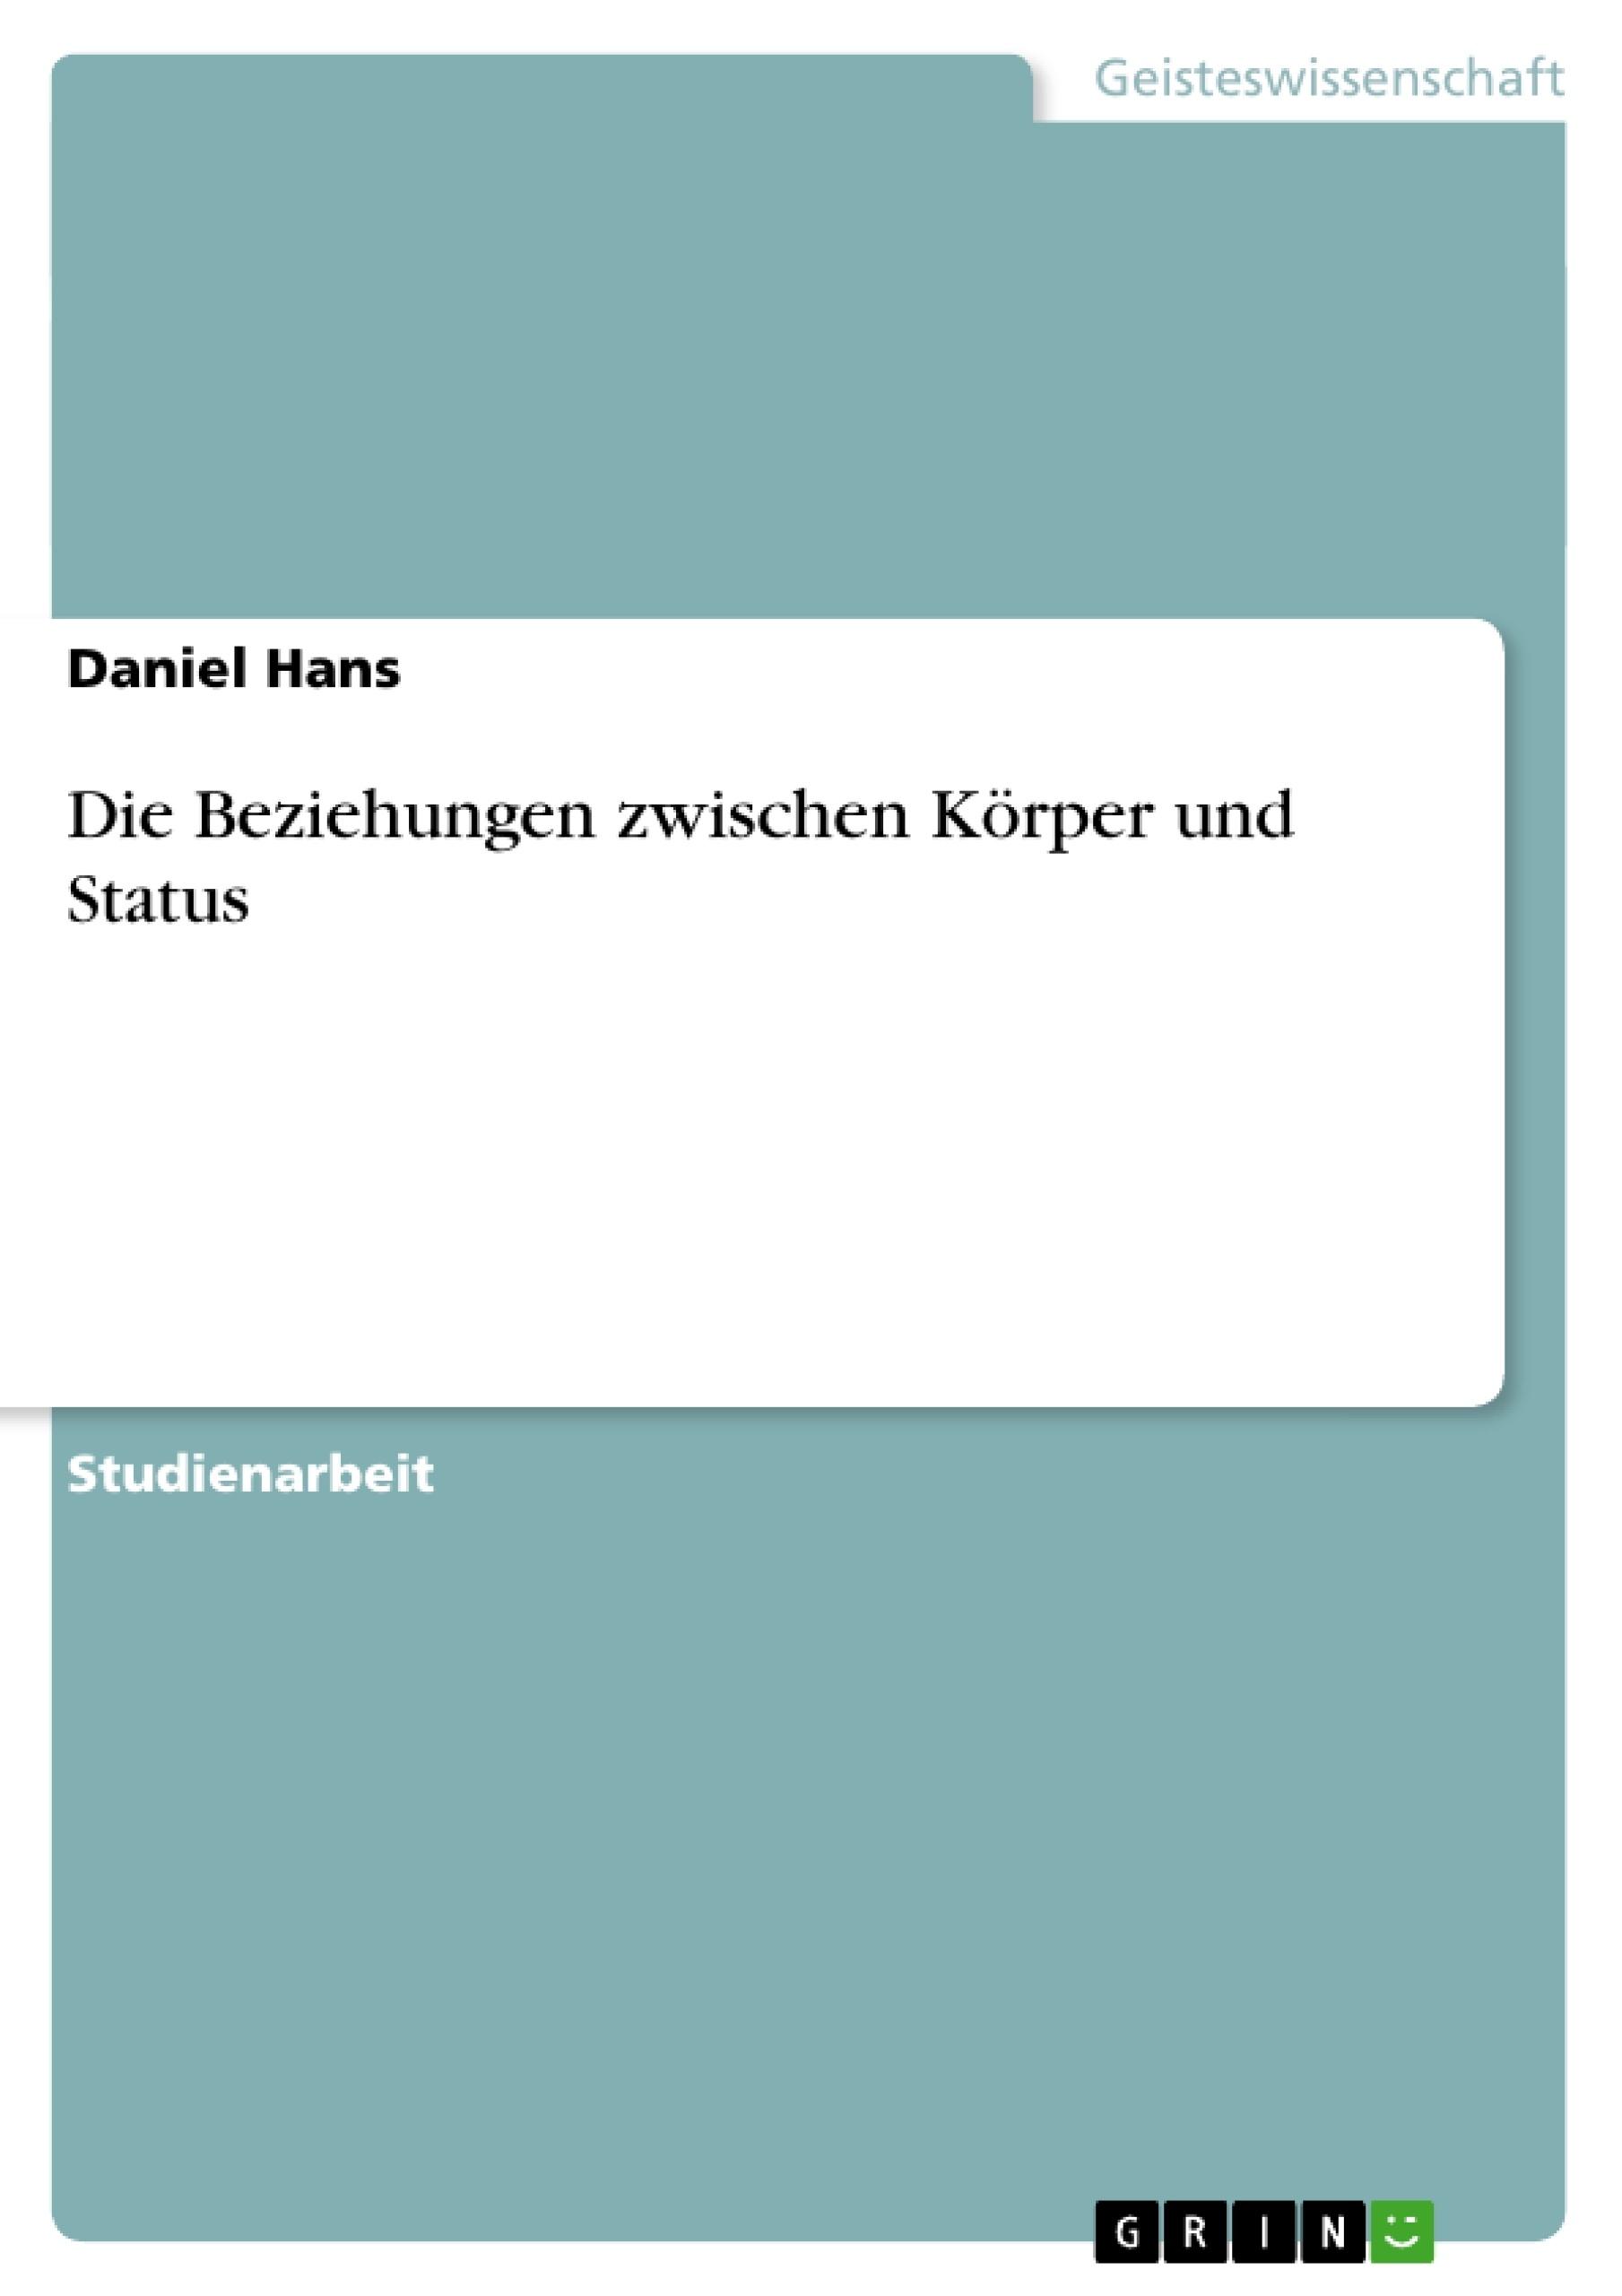 Titel: Die Beziehungen zwischen Körper und Status